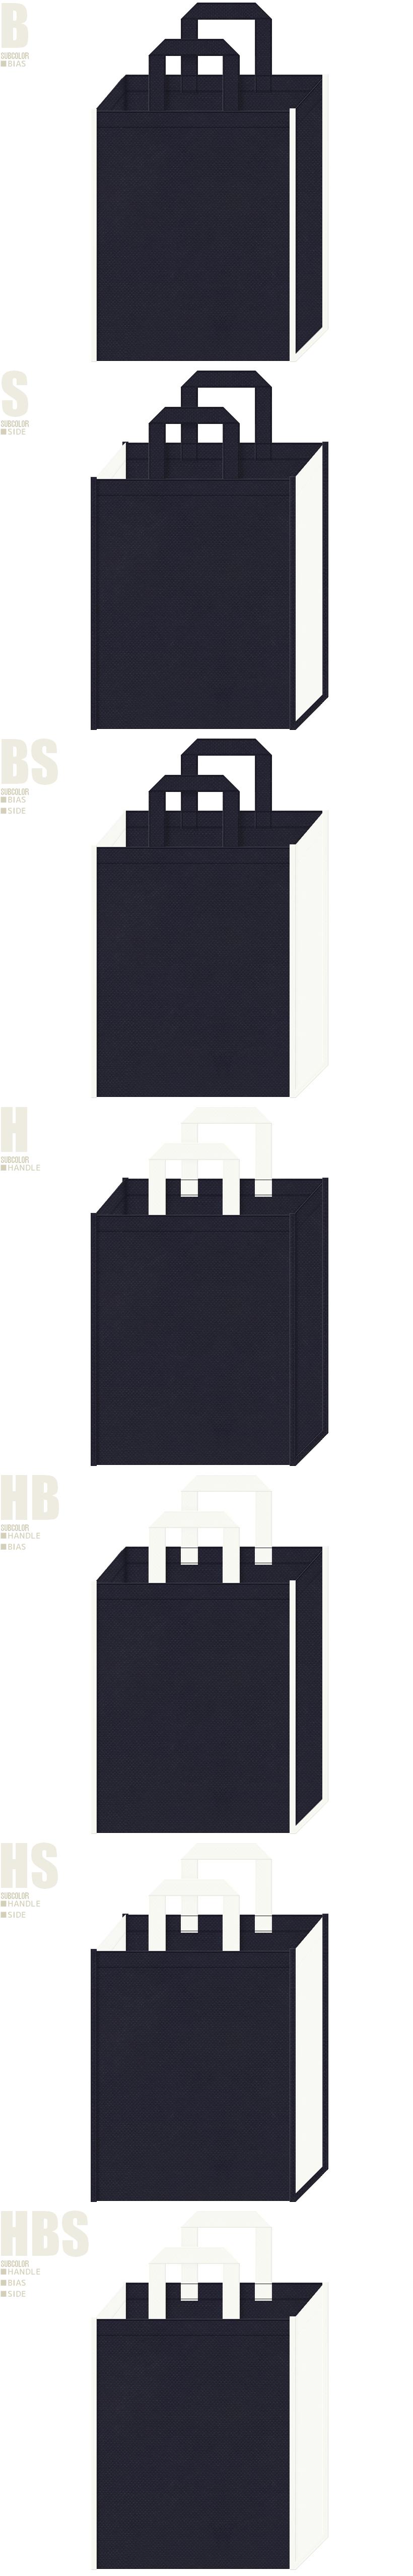 濃紺色とオフホワイト色-7パターンの不織布トートバッグ配色デザイン例-マリンスポーツ向けの不織布バッグにお奨めです。